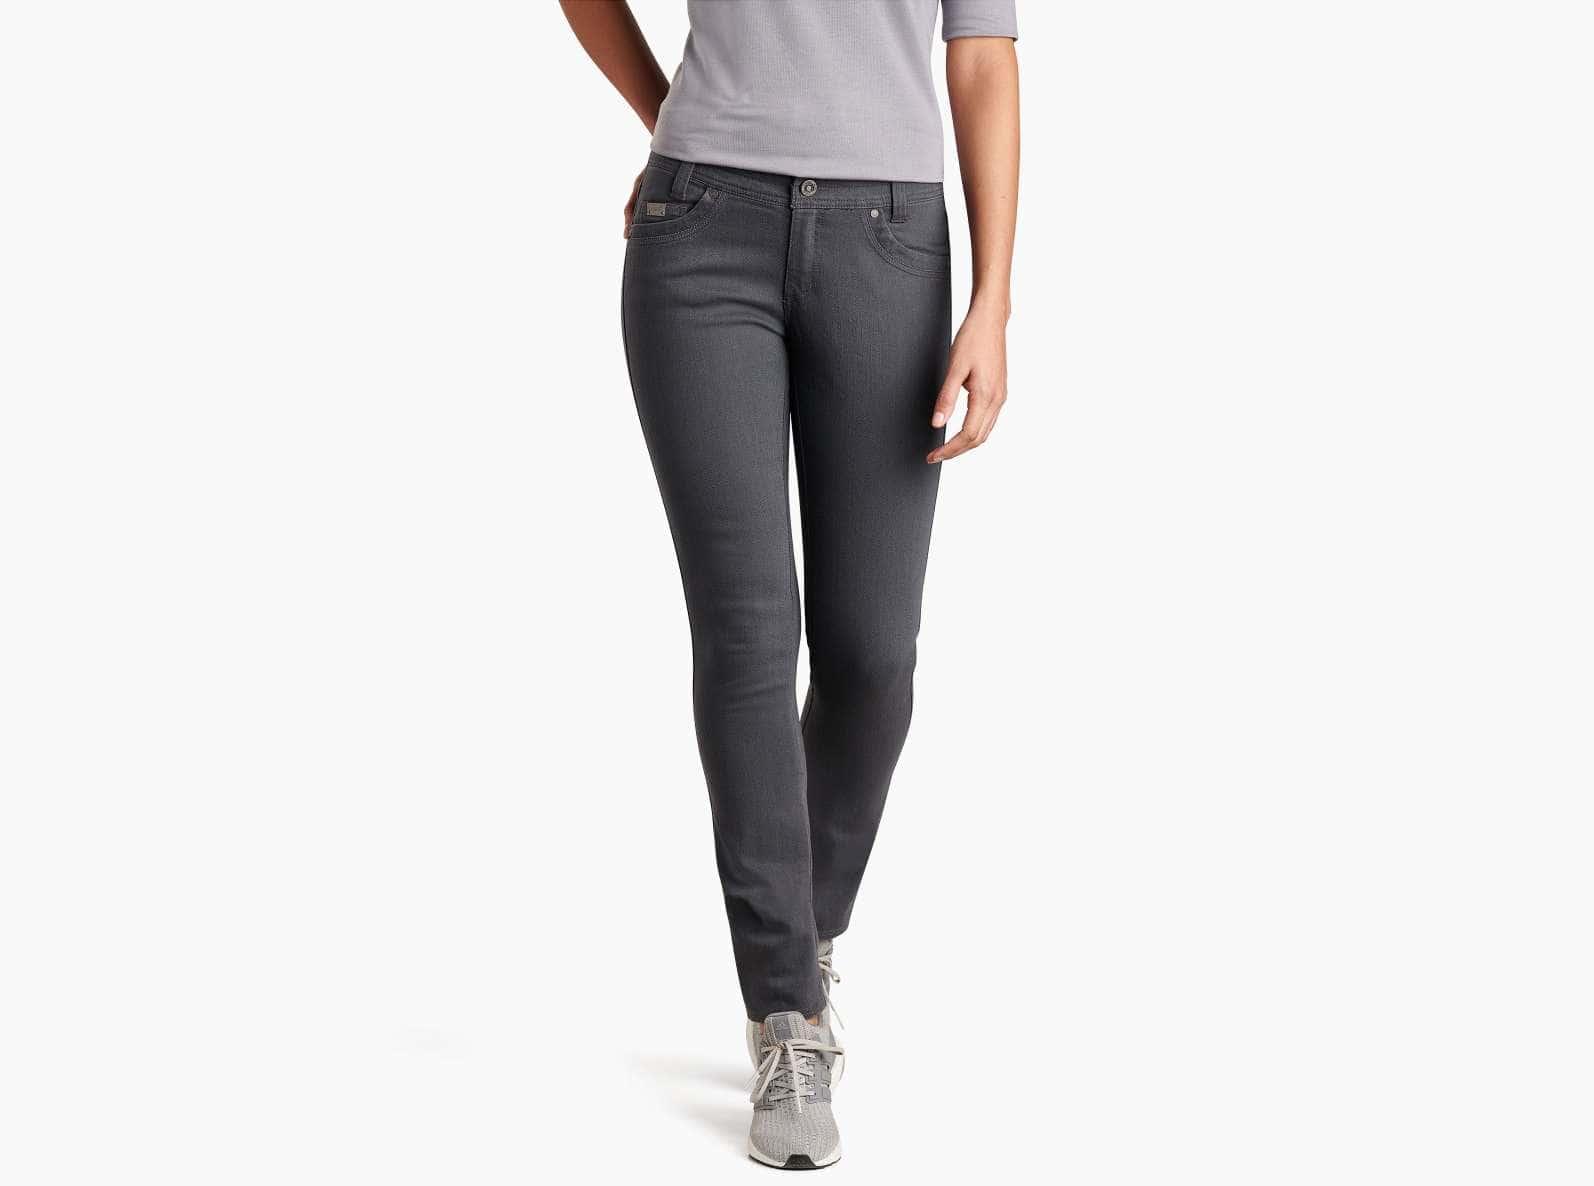 Kühl-Danzr Skinny Jean - Women's